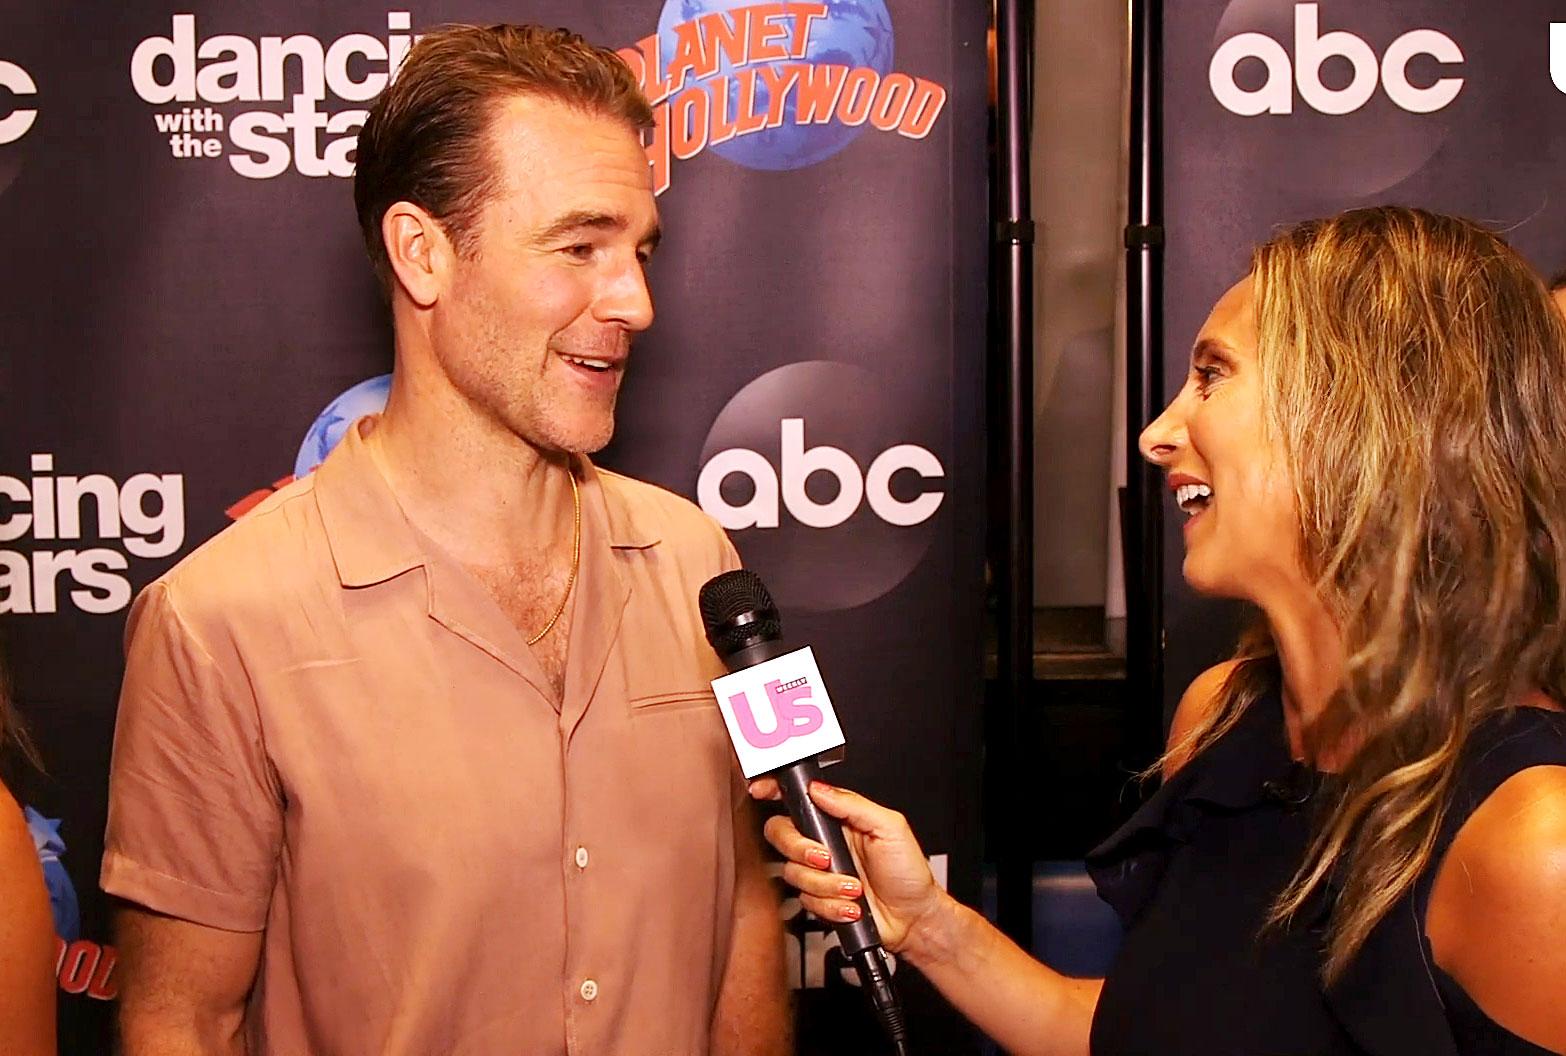 διπλό dating Duggars σε απευθείας σύνδεση επική ραντεβού Show SNL